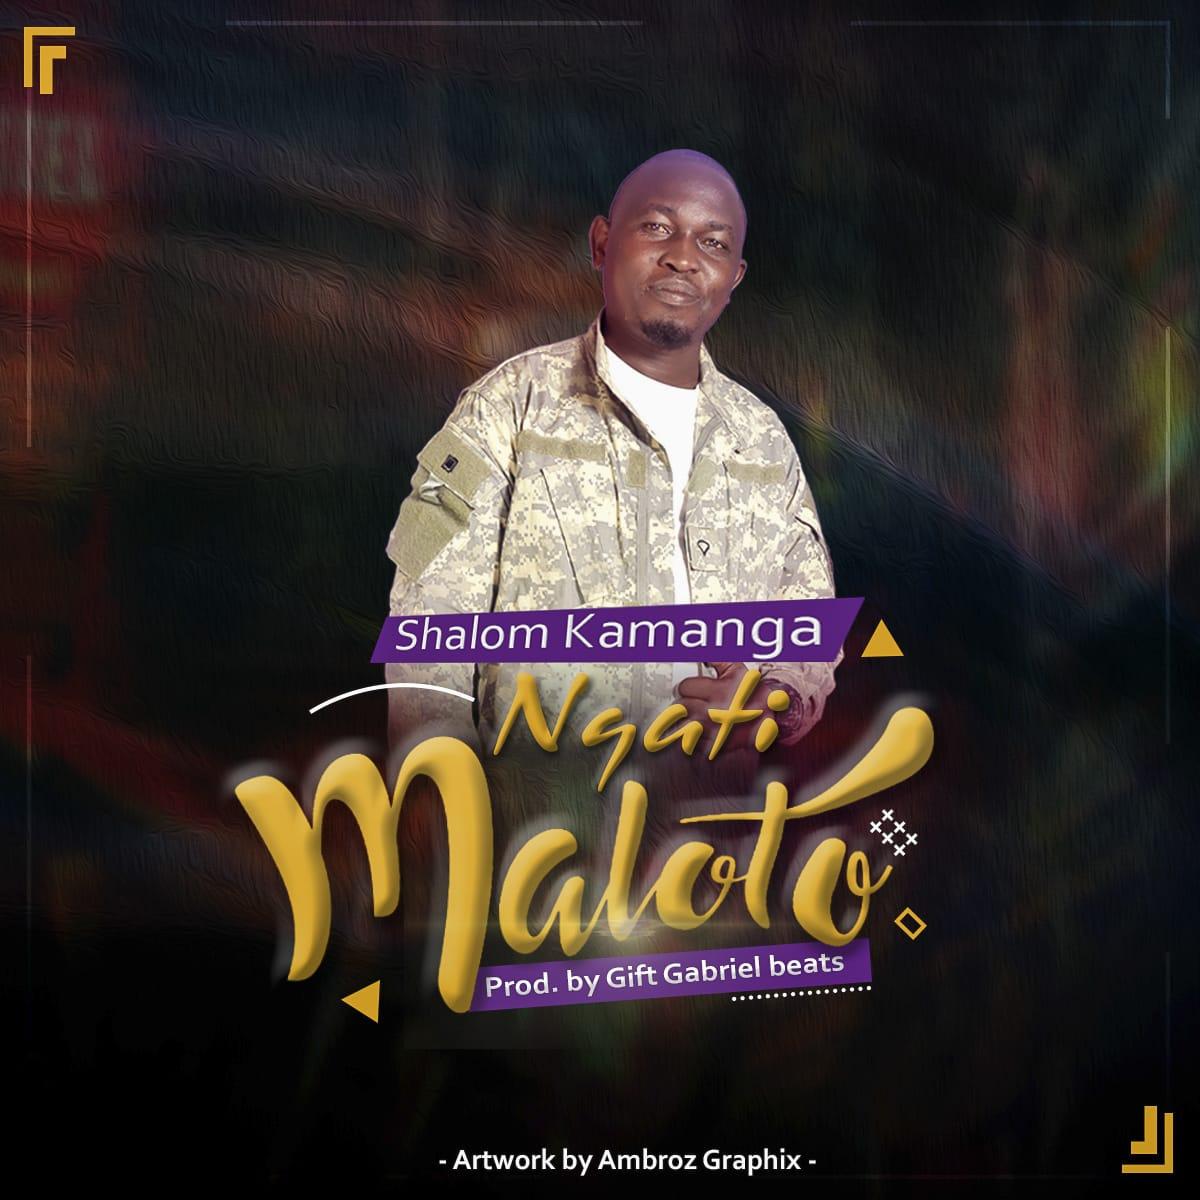 Shalom-Kamanga-Ngati-Maloto-Prod-by-Gift-Gabriel-Beats